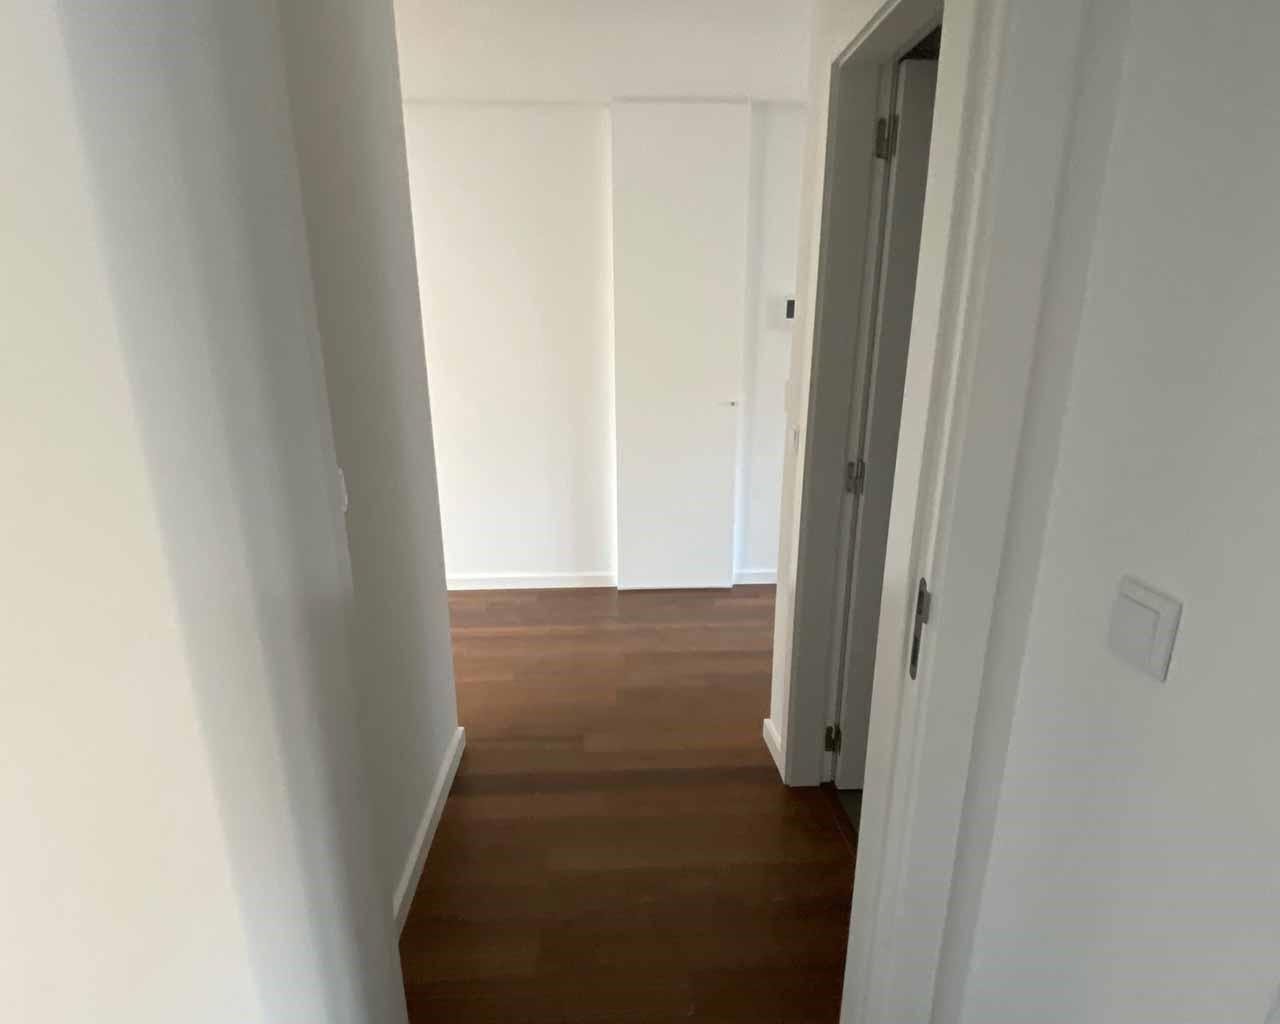 Faro-Lux_Terrace - Corridor_Bedroom